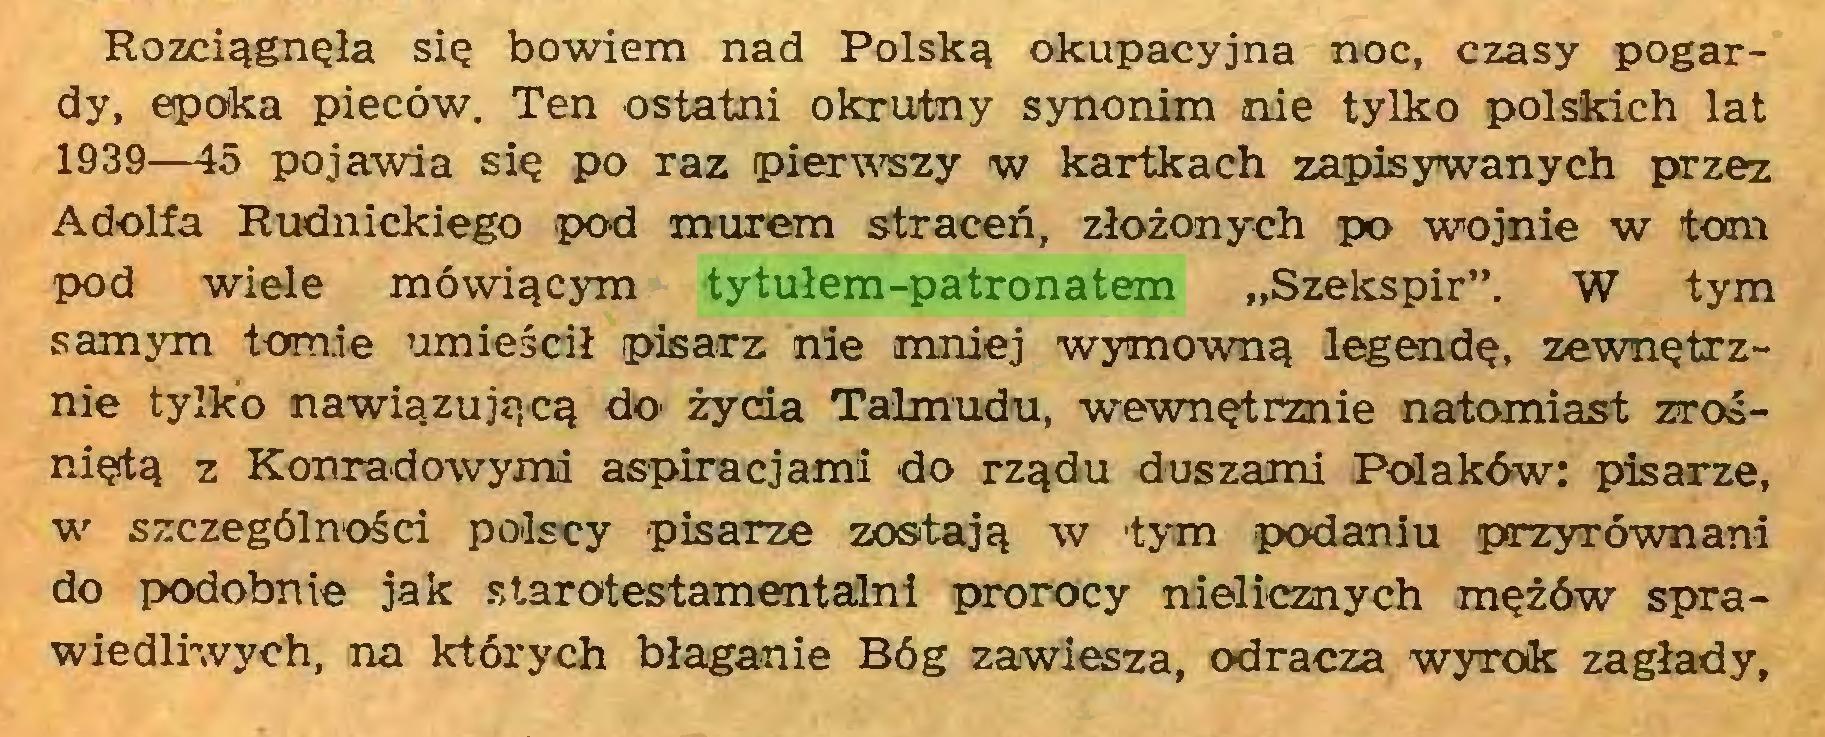 """(...) Rozciągnęła się bowiem nad Polską okupacyjna noc, czasy pogardy, epoka pieców. Ten ostatni okrutny synonim nie tylko polskich lat 1939—15 pojawia się po raz pierwszy w kartkach zapisywanych przez Adolfa Rudnickiego pod murem straceń, złożonych po wojnie w tom pod wiele mówiącym tytułem-patronatem """"Szekspir"""". W tym samym tomie umieścił pisarz nie mniej wymowną legendę, zewnętrznie tylko nawiązującą do żyda Talmudu, wewnętrznie natomiast zrośniętą z Konradowymi aspiracjami do rządu duszami Polaków: pisarze, w szczególnośd polscy pisarze zostają w tym podaniu przyrównani do podobnie jak starotestamentalni prorocy nielicznych mężów sprawiedliwych, na których błaganie Bóg zawiesza, odracza wyrok zagłady,..."""